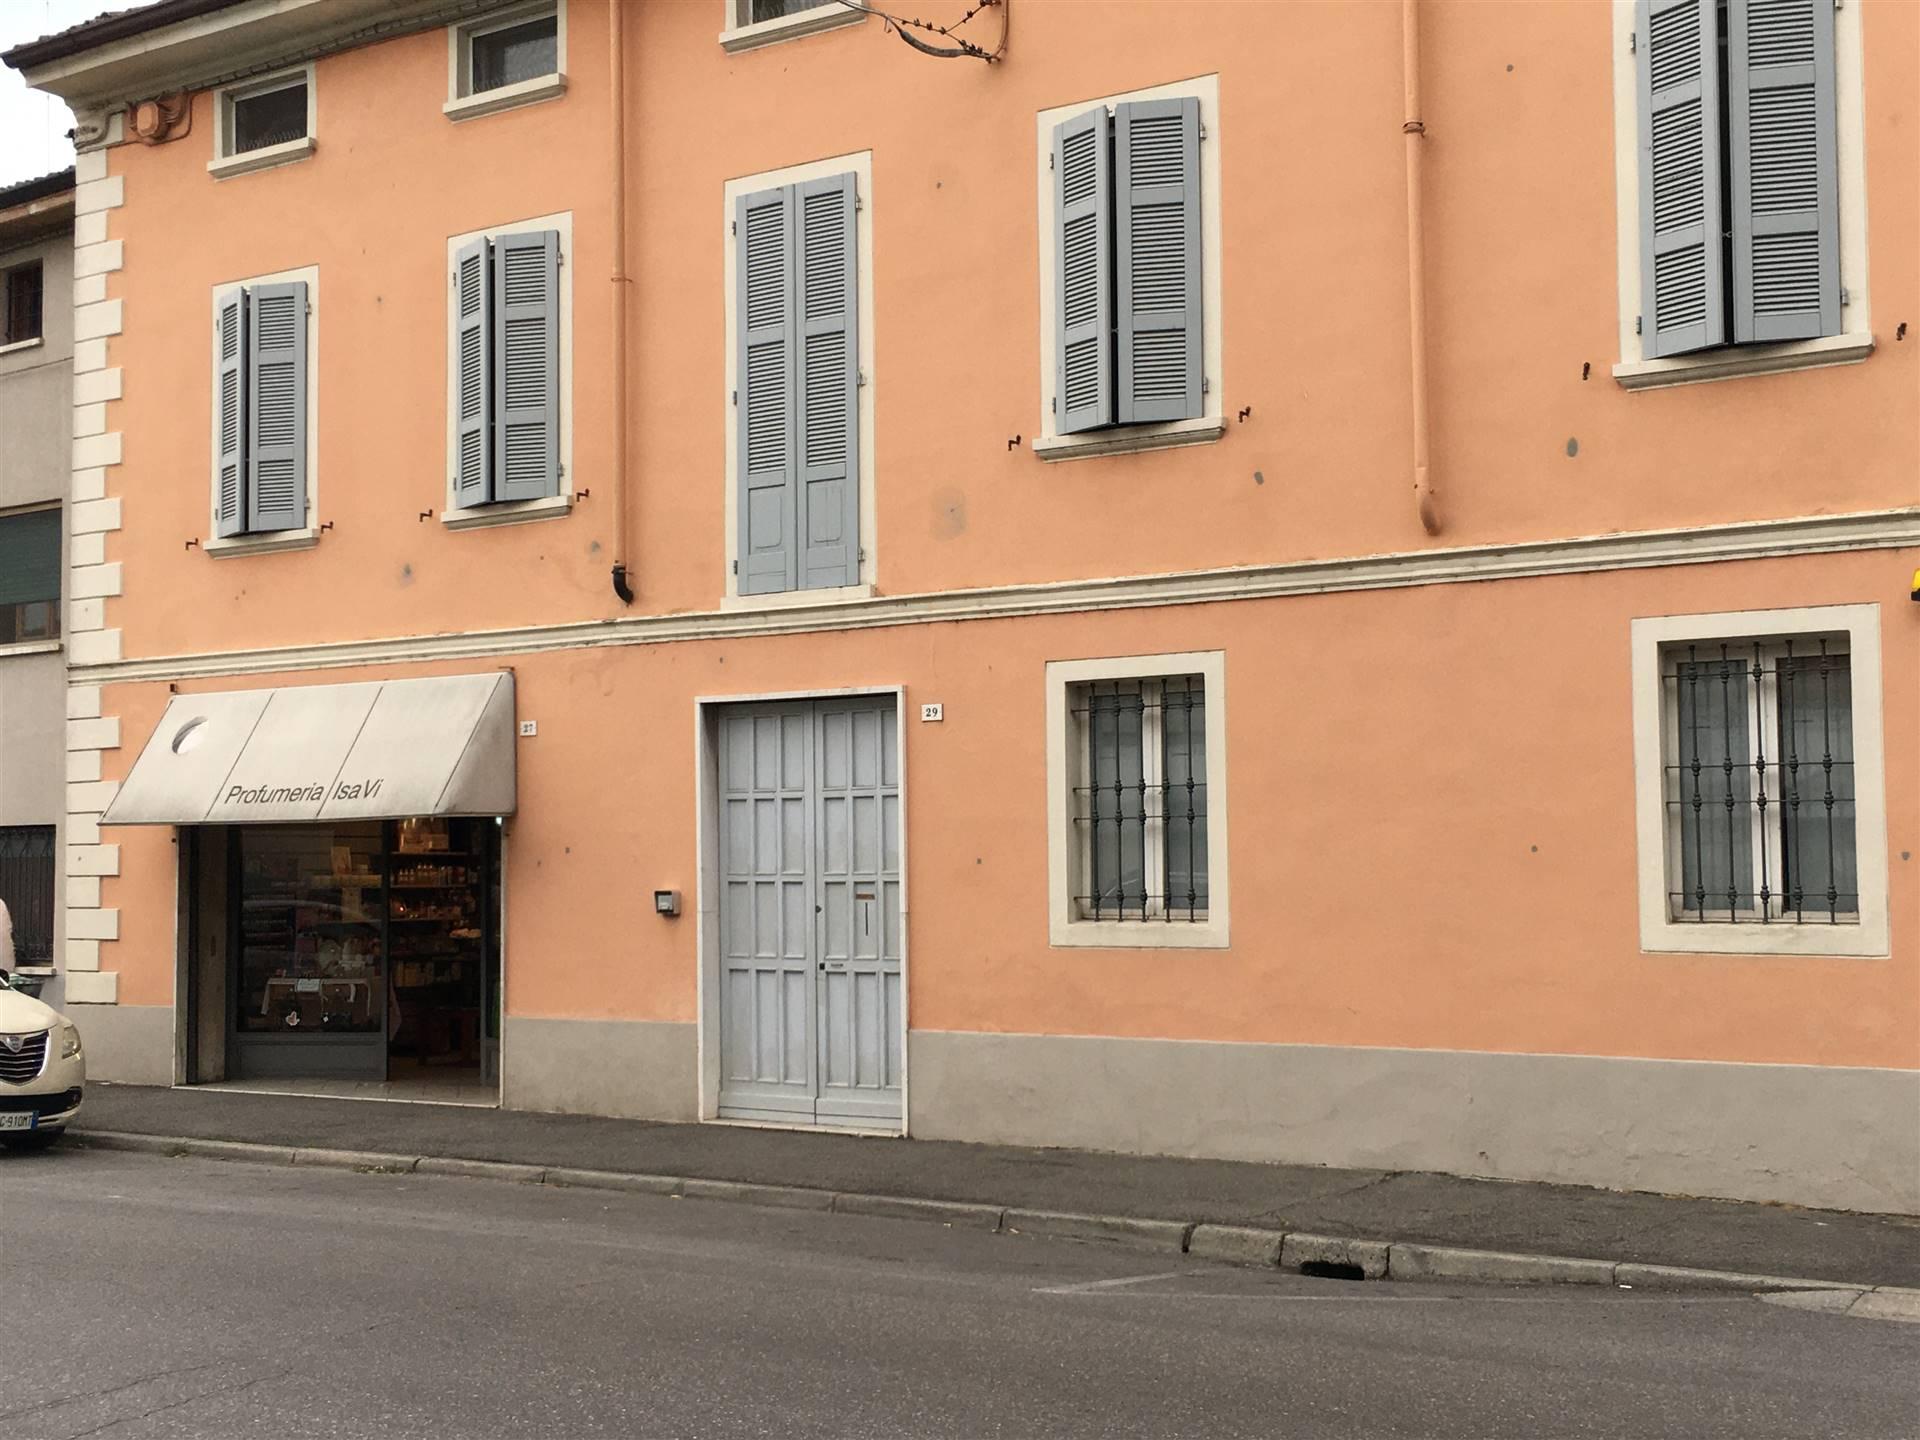 Negozio / Locale in affitto a Castelleone, 3 locali, prezzo € 550 | PortaleAgenzieImmobiliari.it